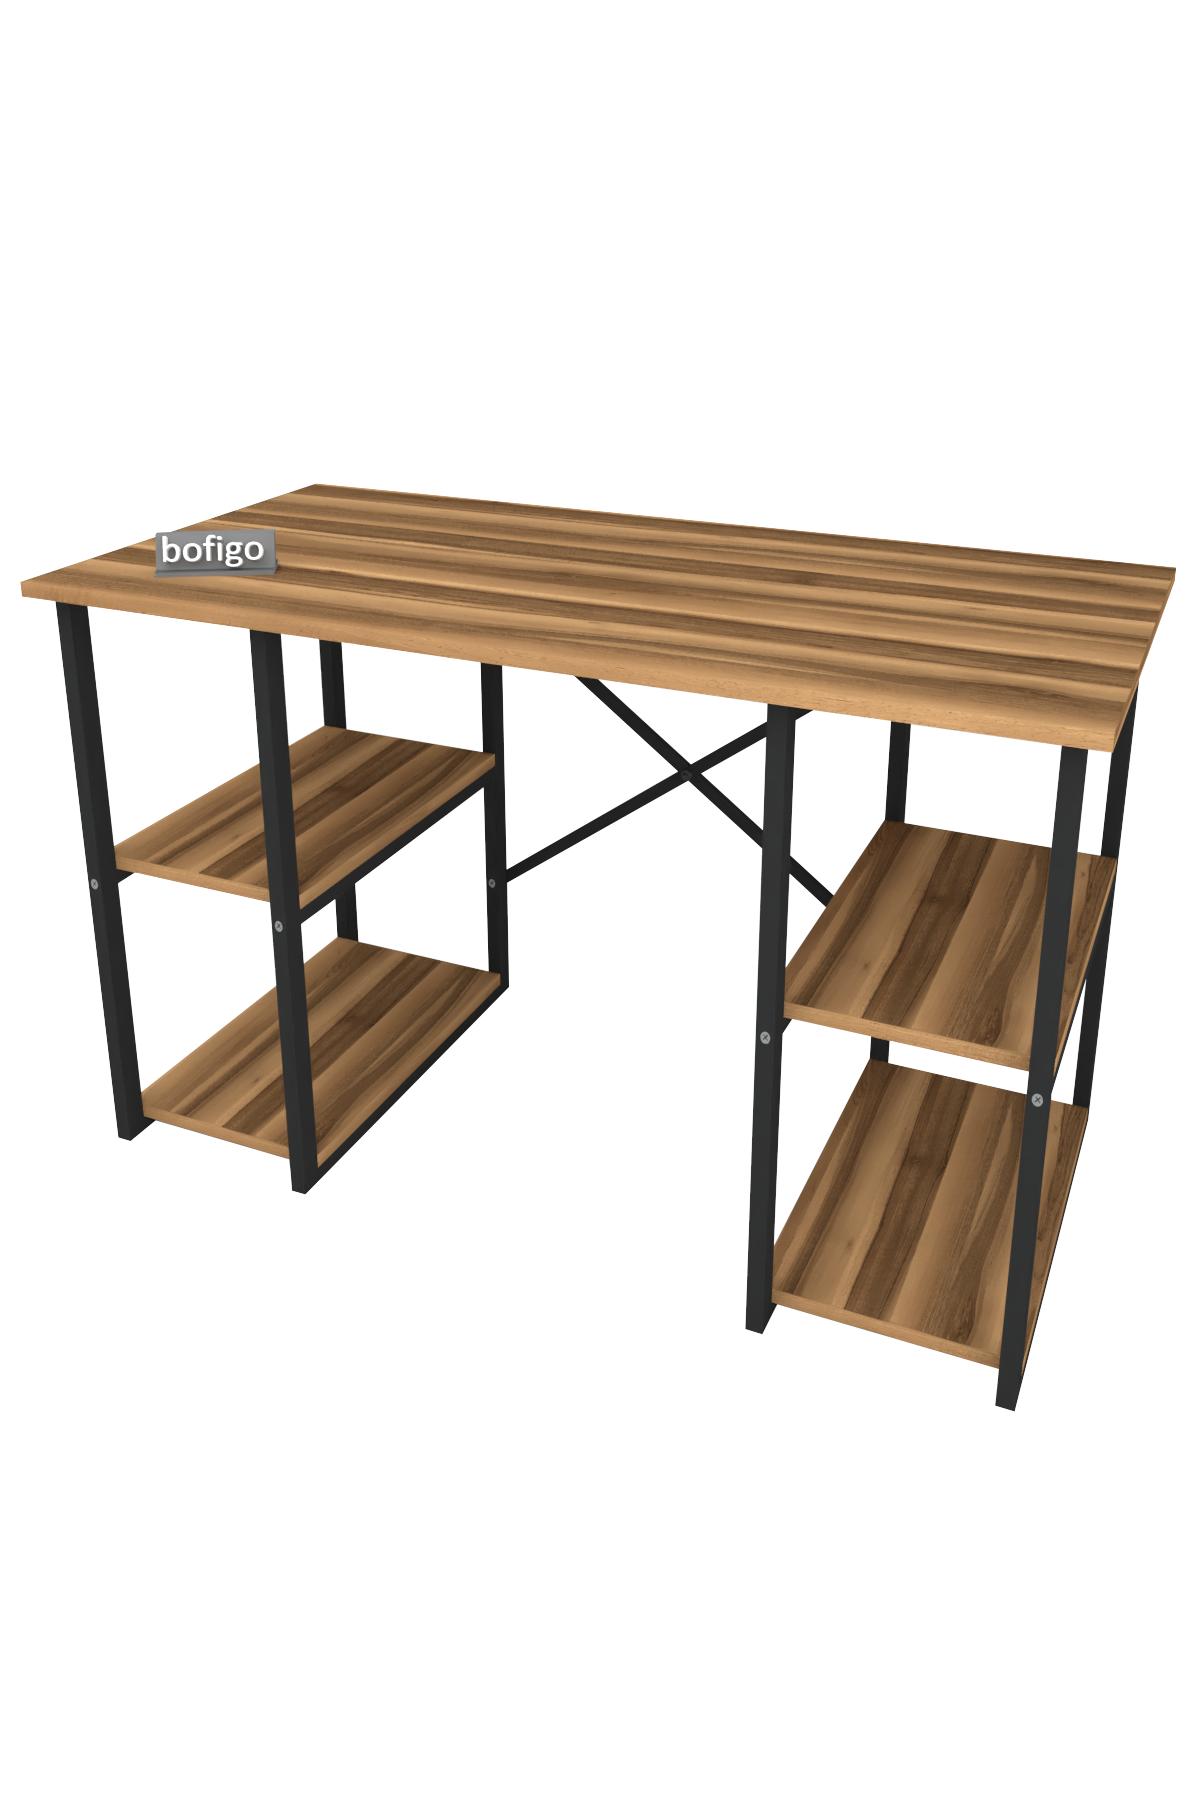 Bofigo 4 Raflı Çalışma Masası 60x120 cm Ceviz